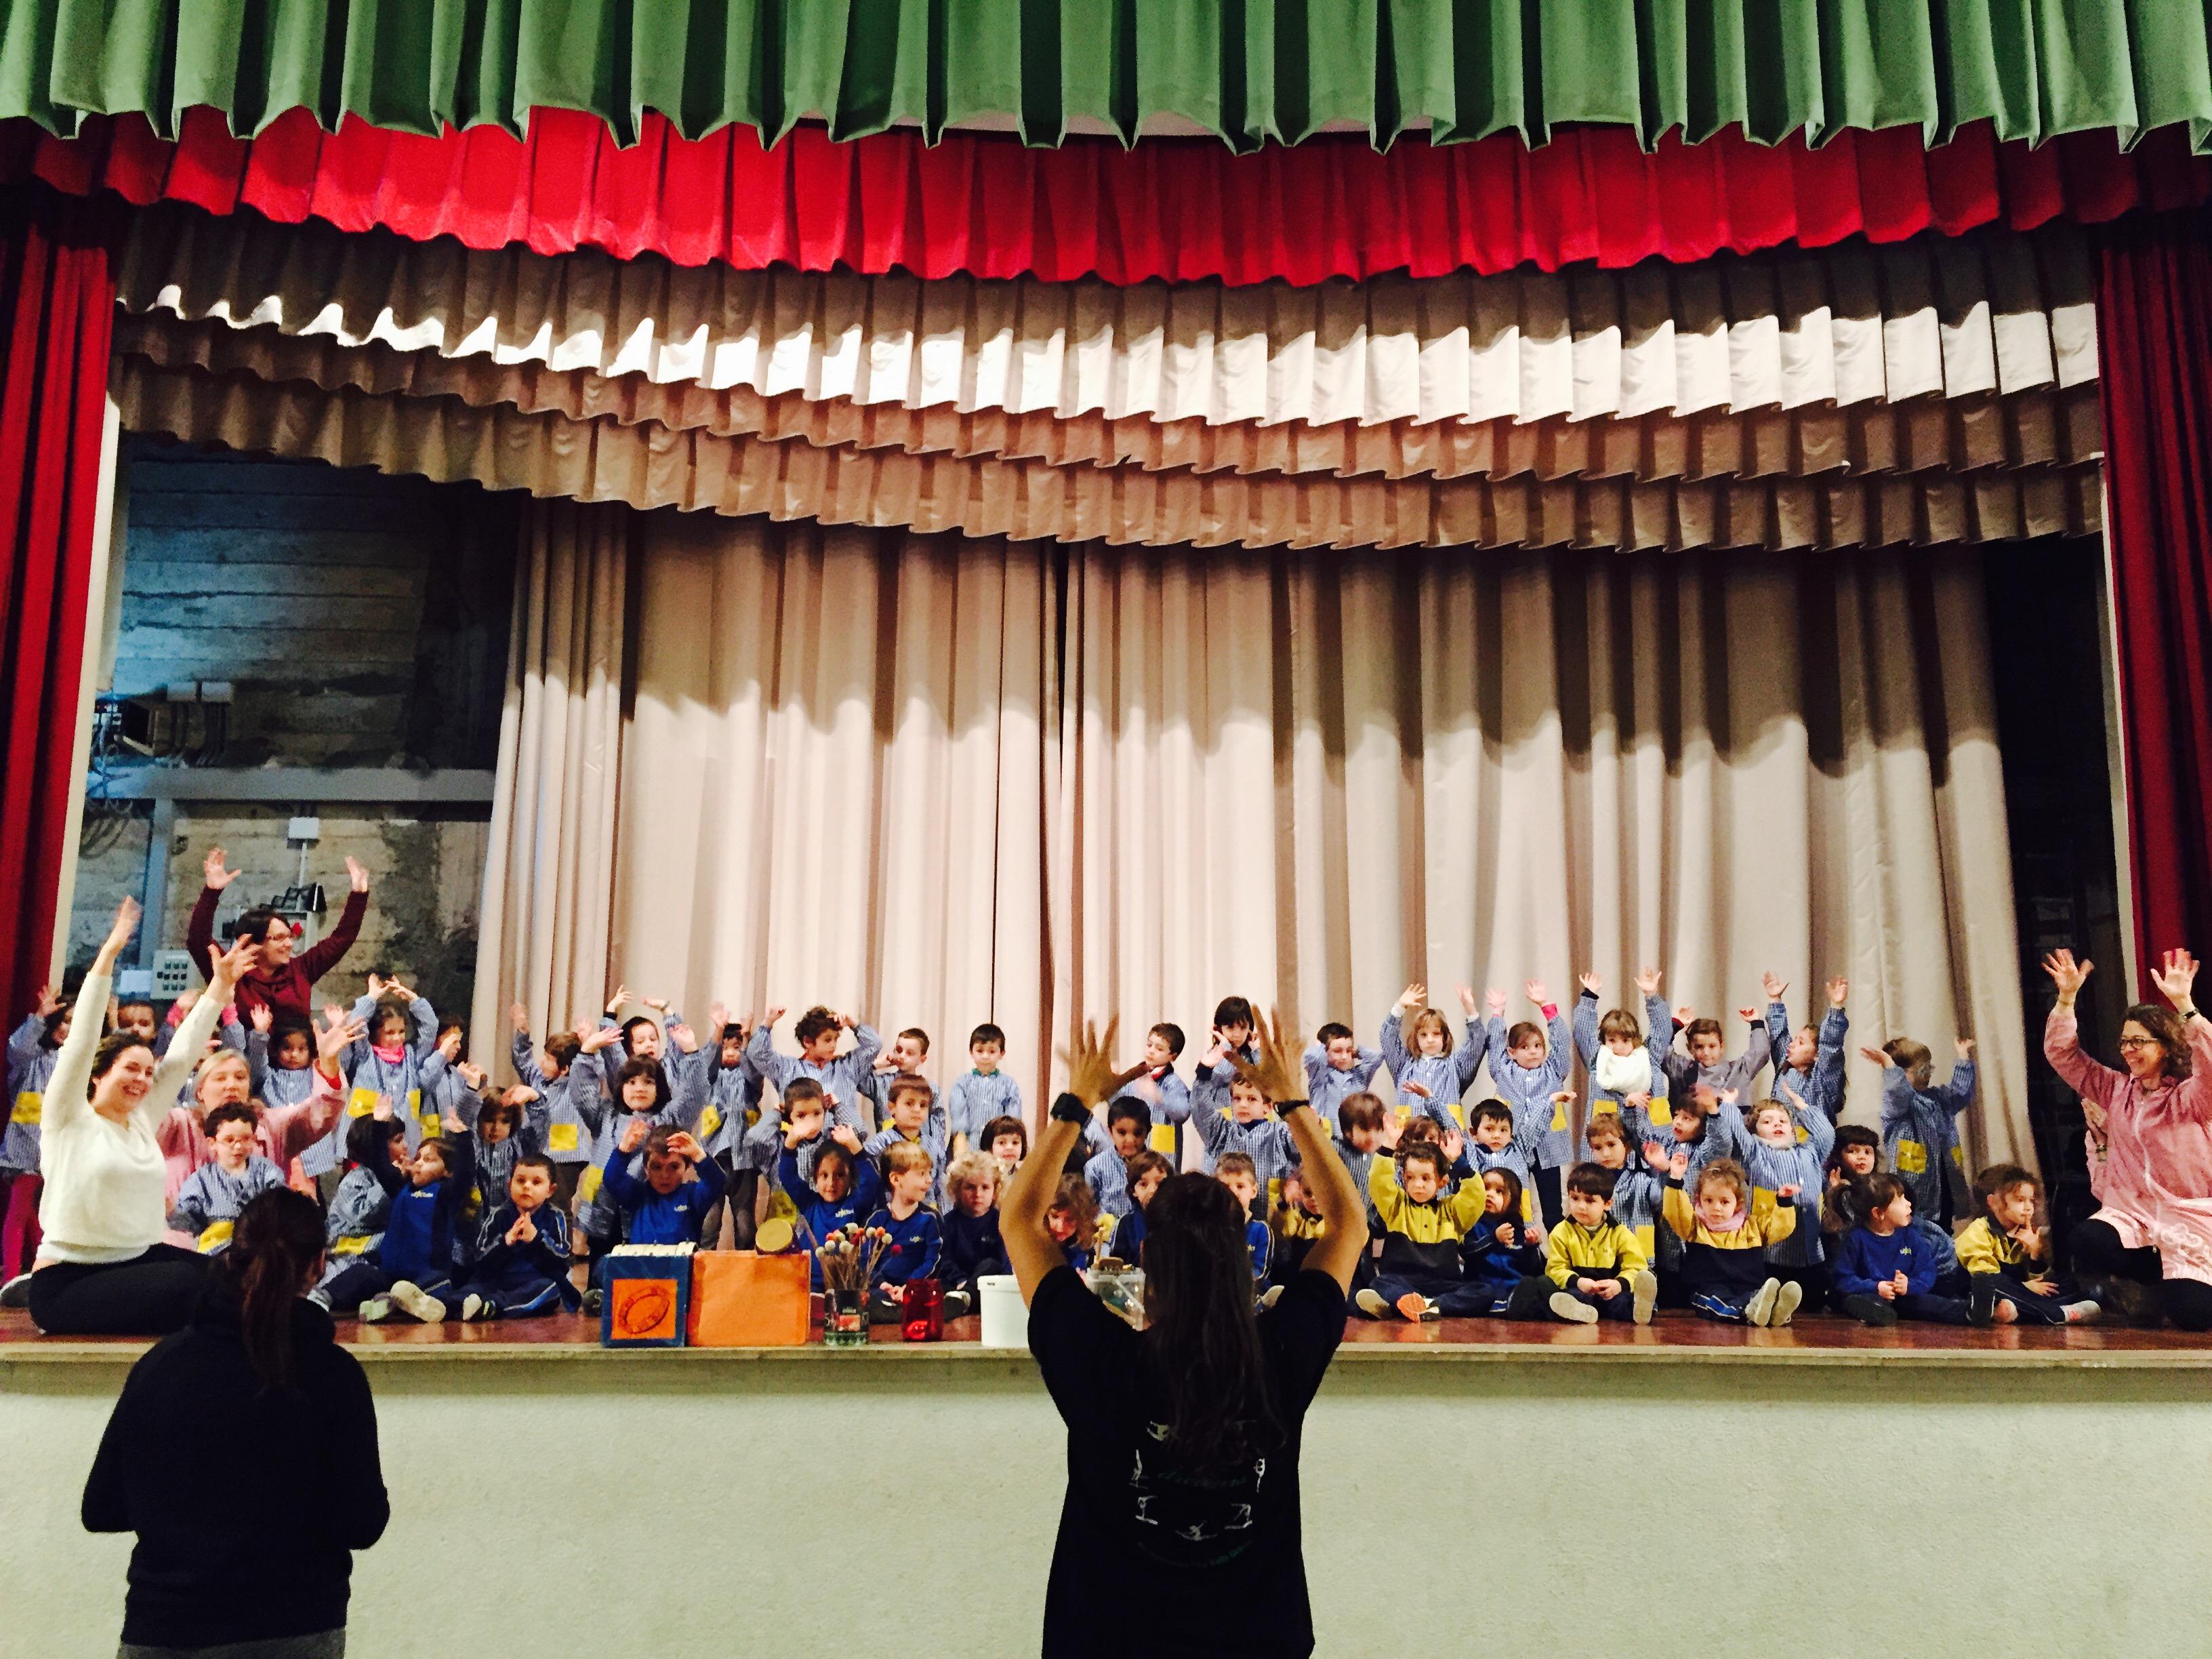 Els alumnes d'Educació Infantil i de Primària preparen els últims assaigs del festival de Nadal